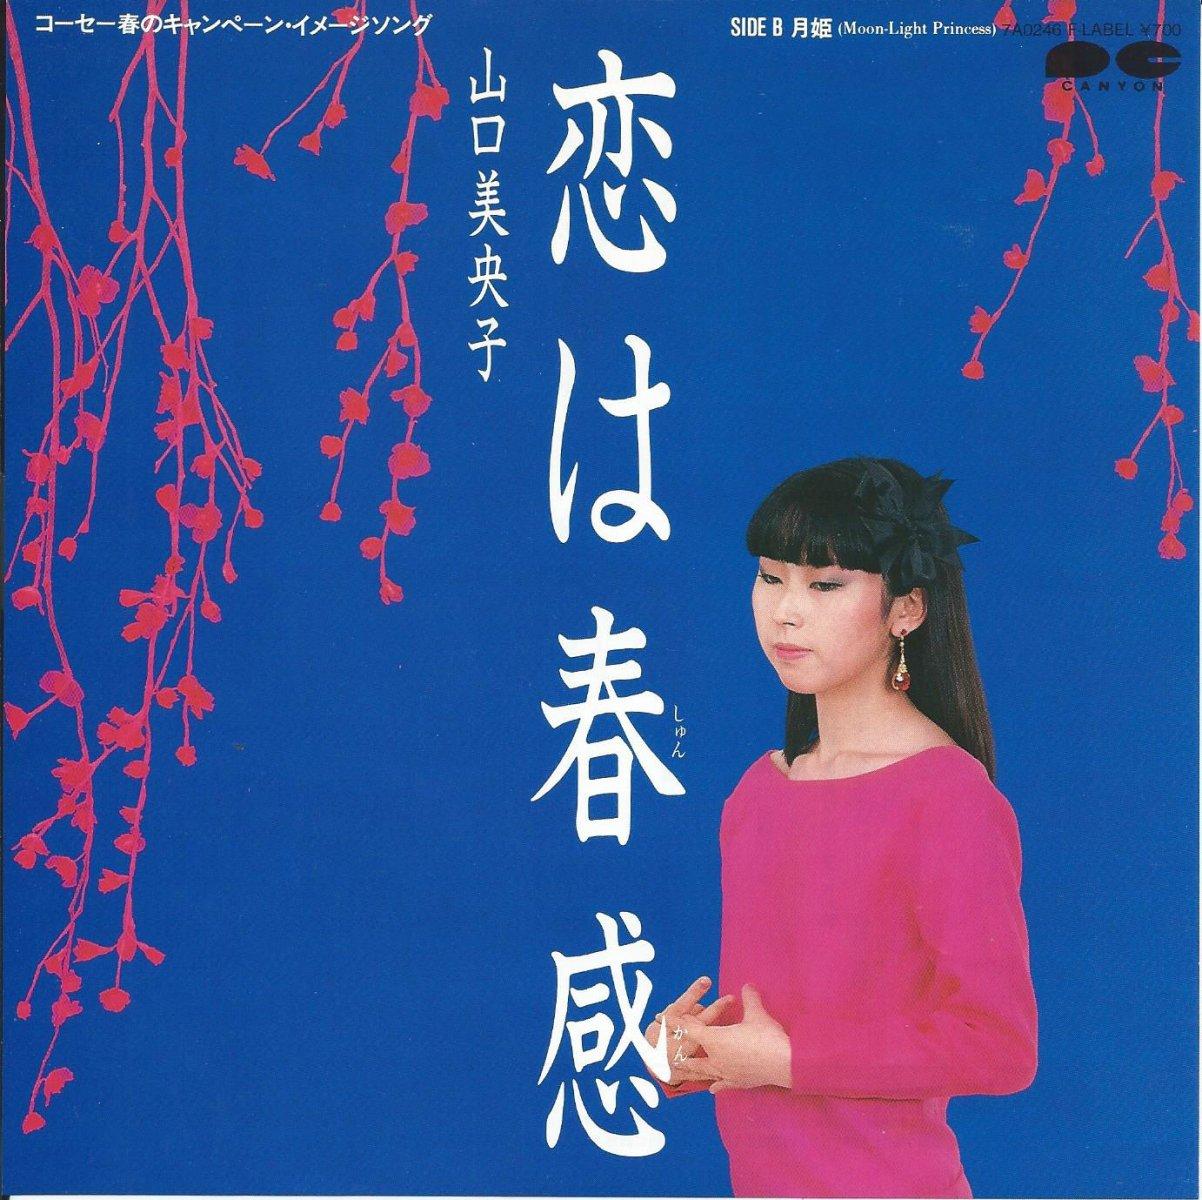 山口美央子 MIOKO YAMAGUCHI / 恋は春感 / 月姫 (7